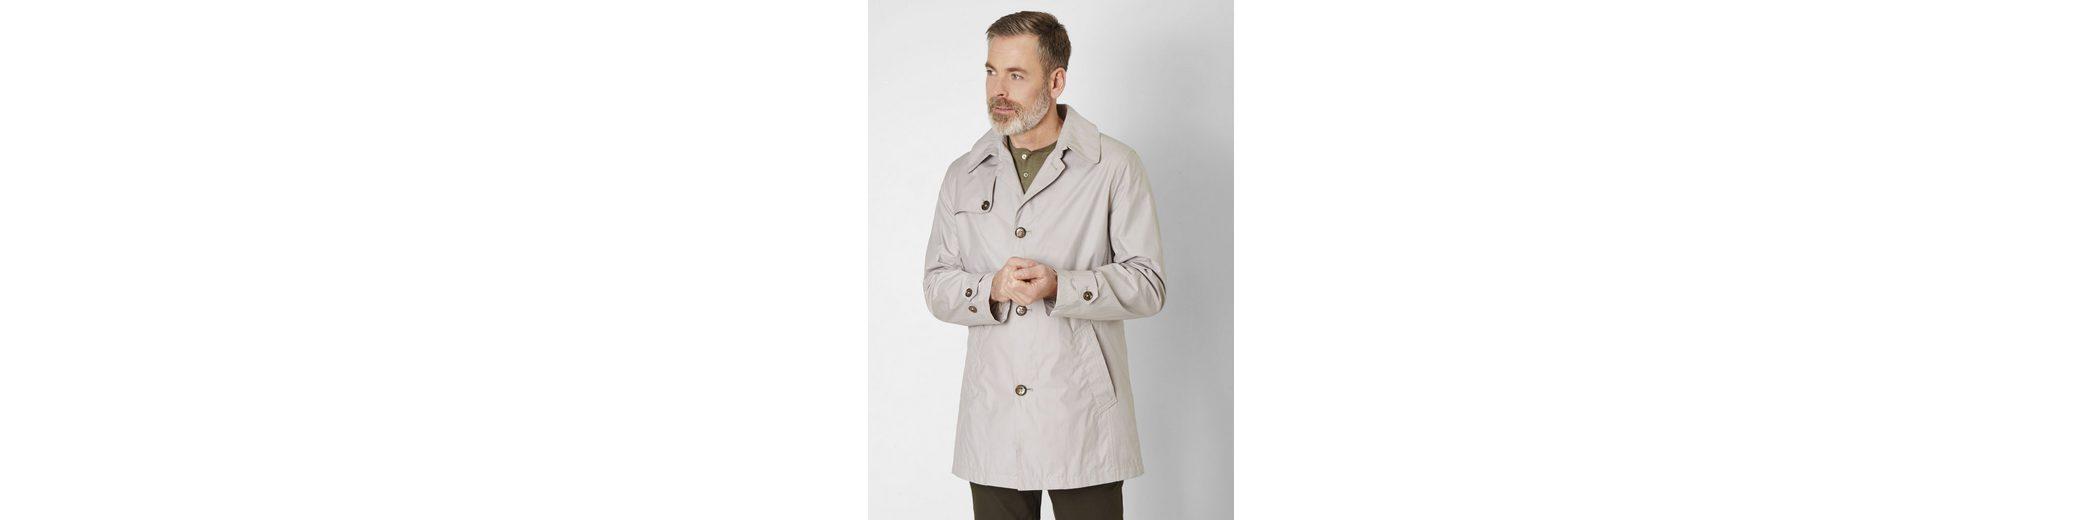 Verkauf Günstig Online S4 Jackets klassischer pflegeleichter Kurzmantel Logan Auslass sfmqedg